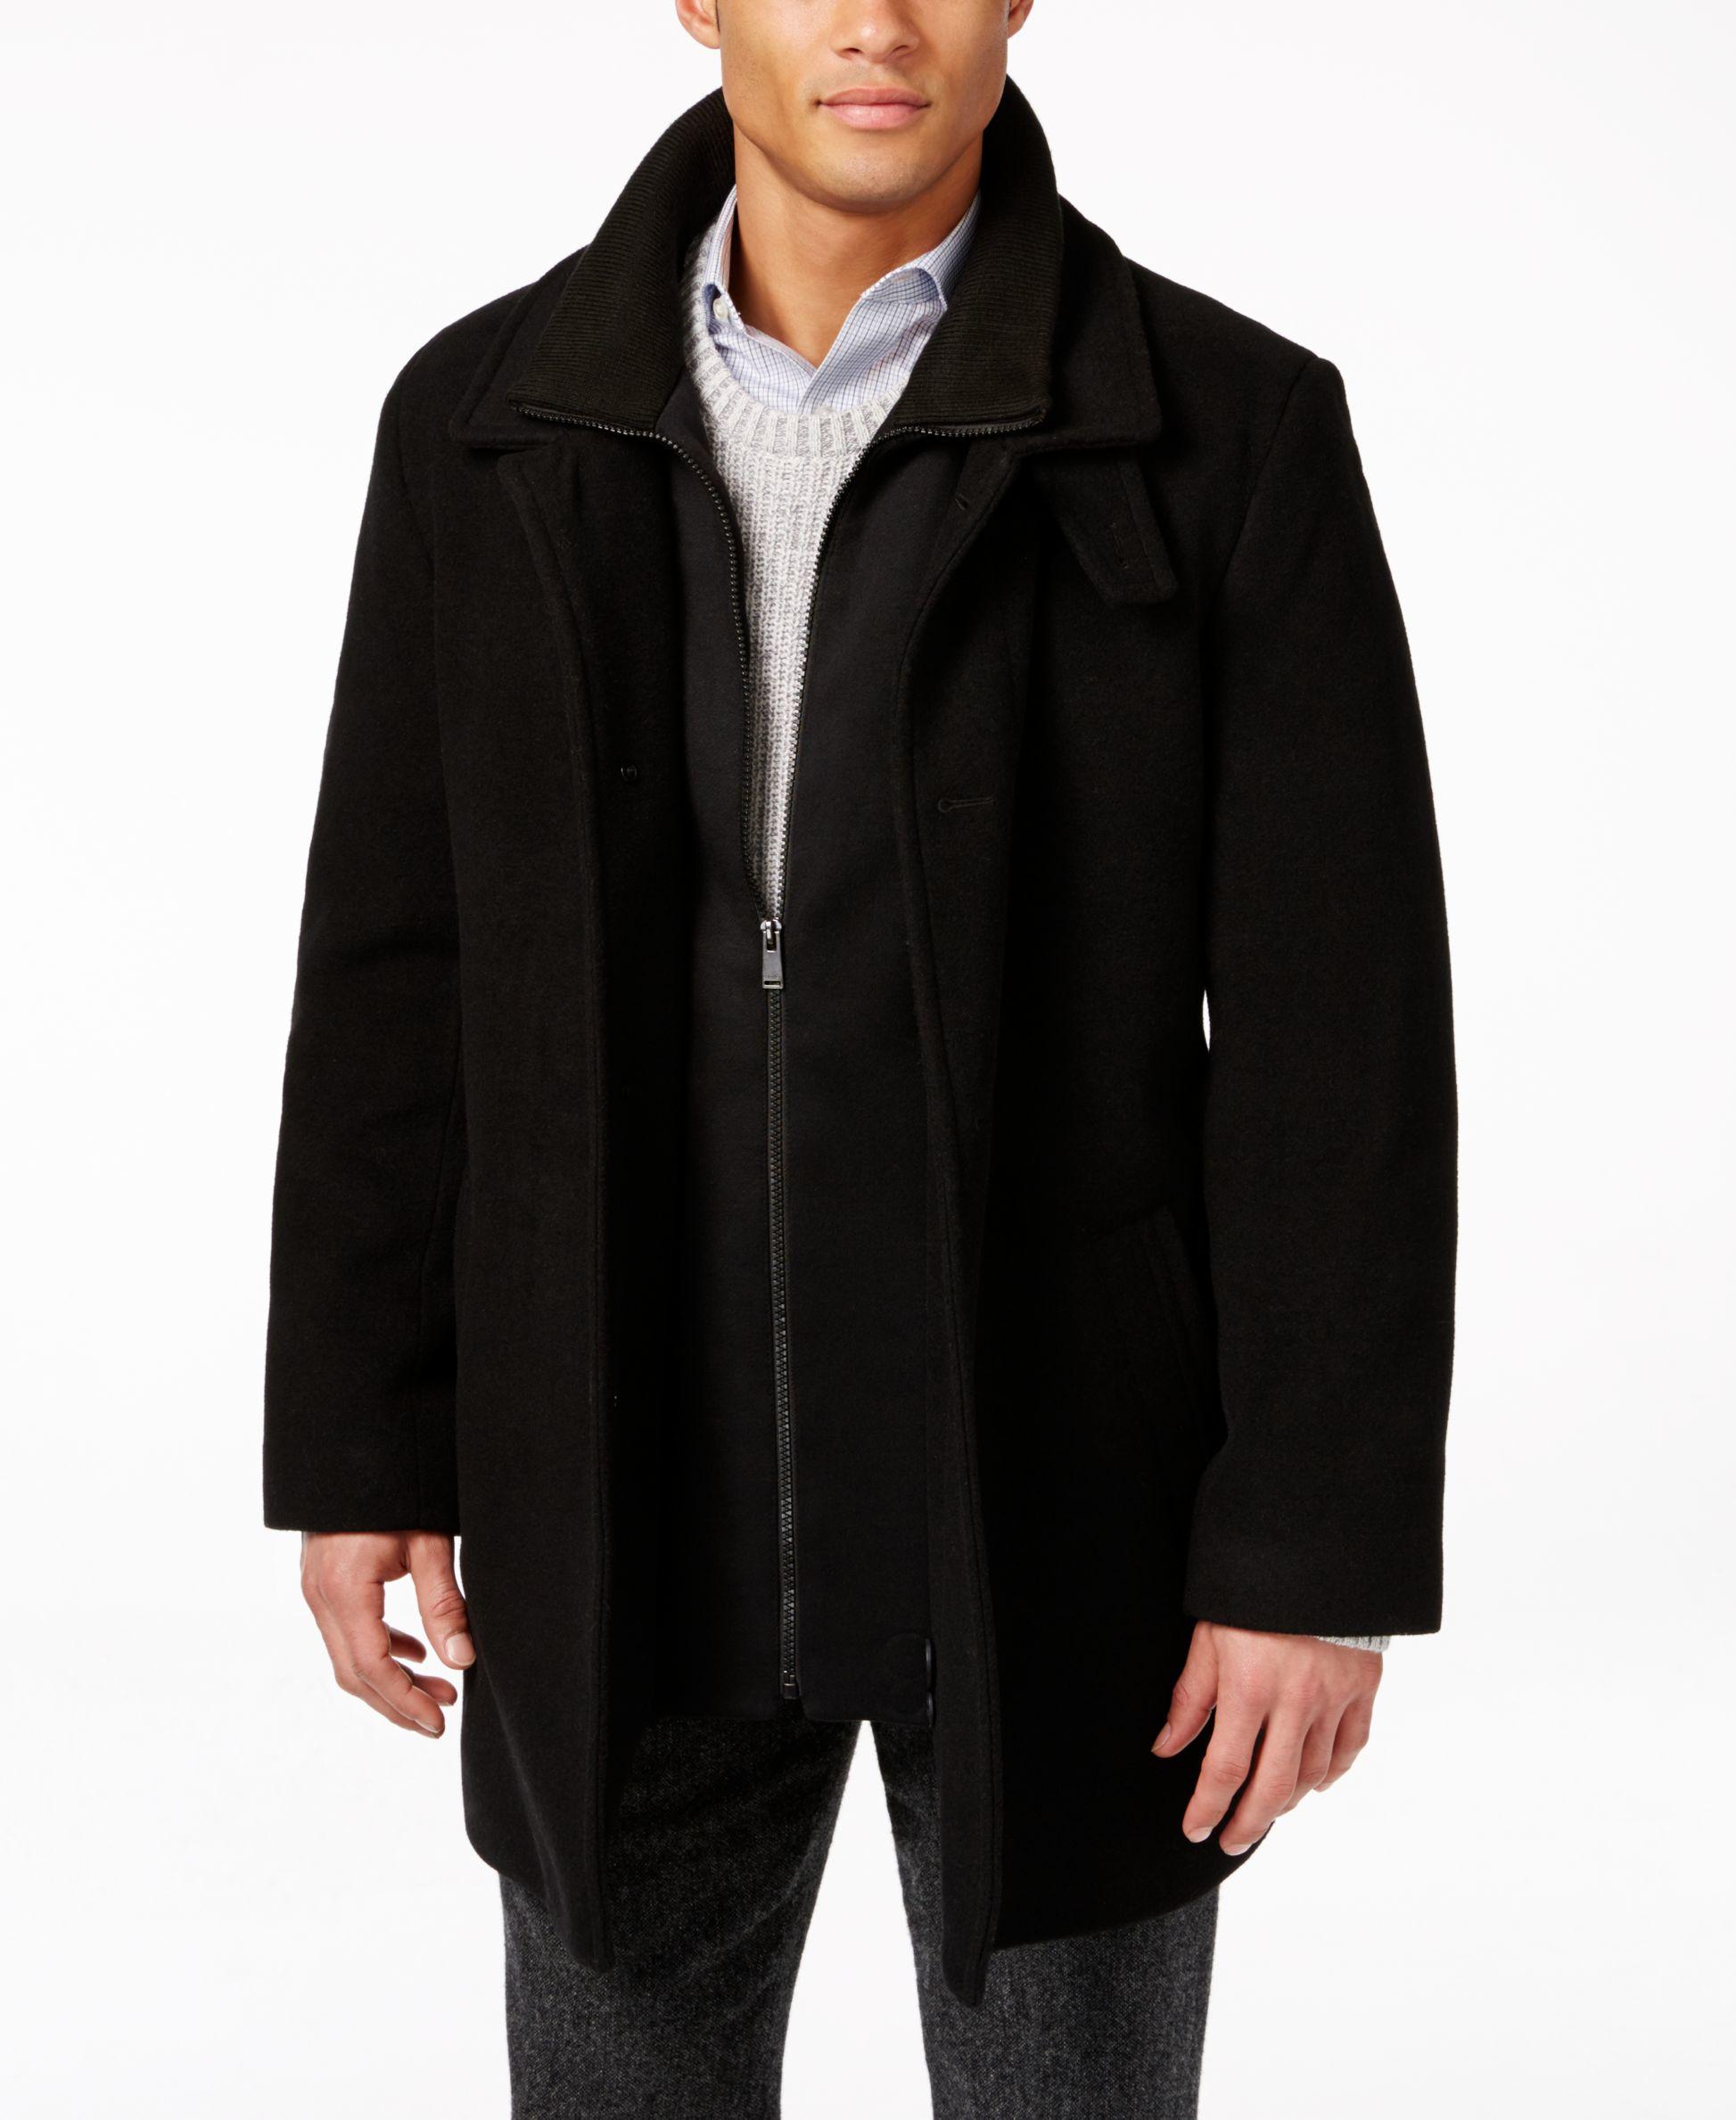 Calvin klein overcoat